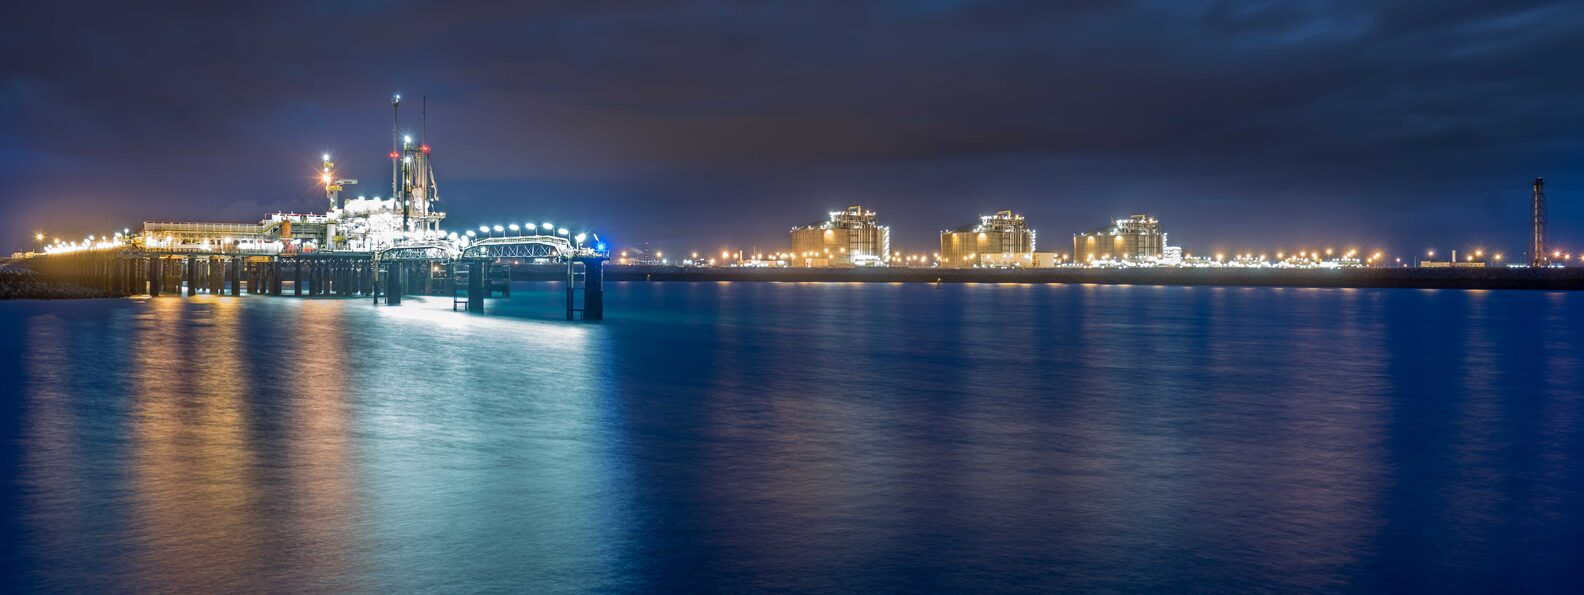 Zeebruges : un des secrets les mieux gardés de notre littoral.